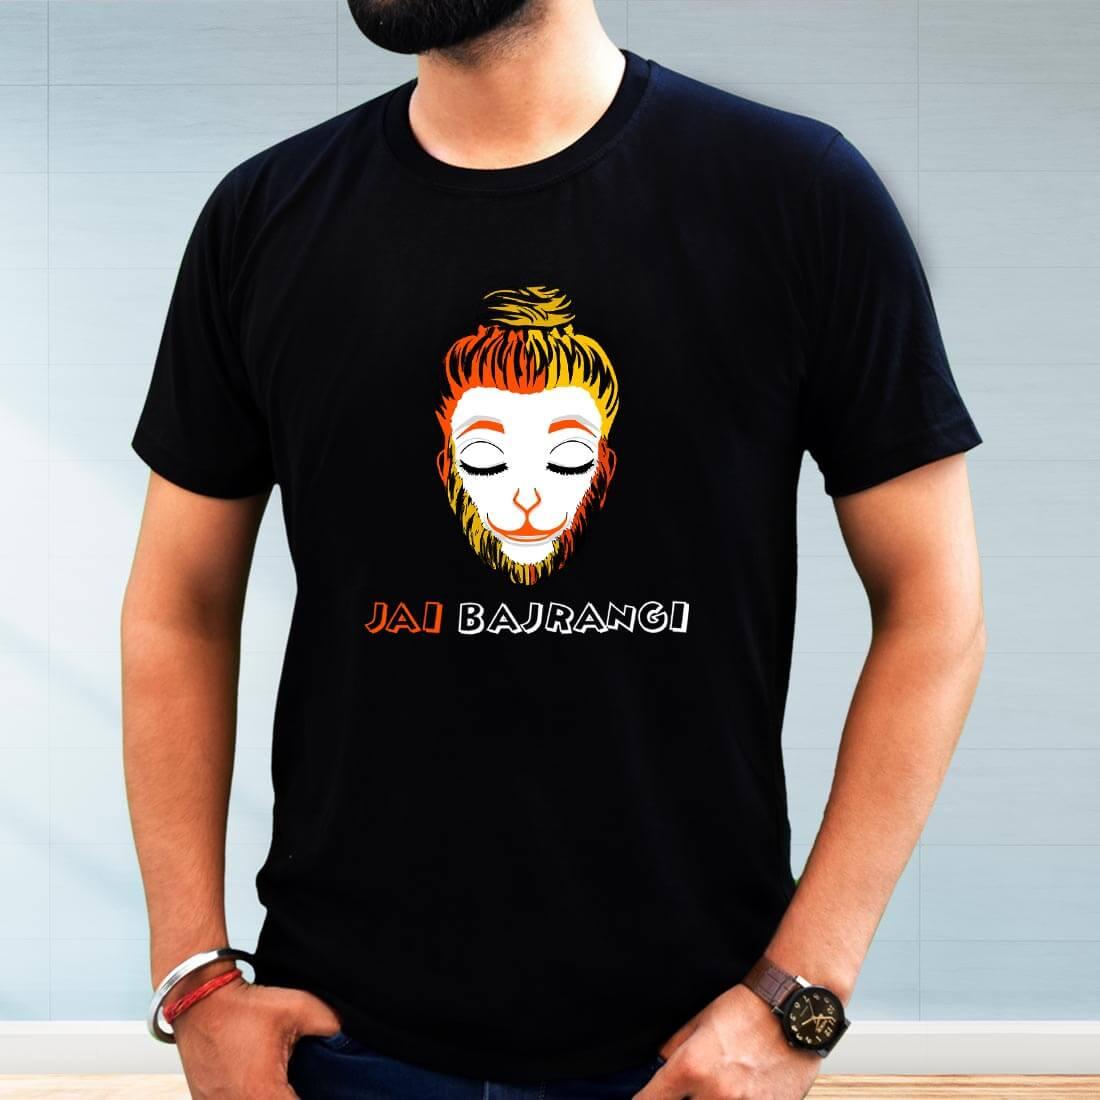 Jai Bajrangi Printed Black Plain T Shirt